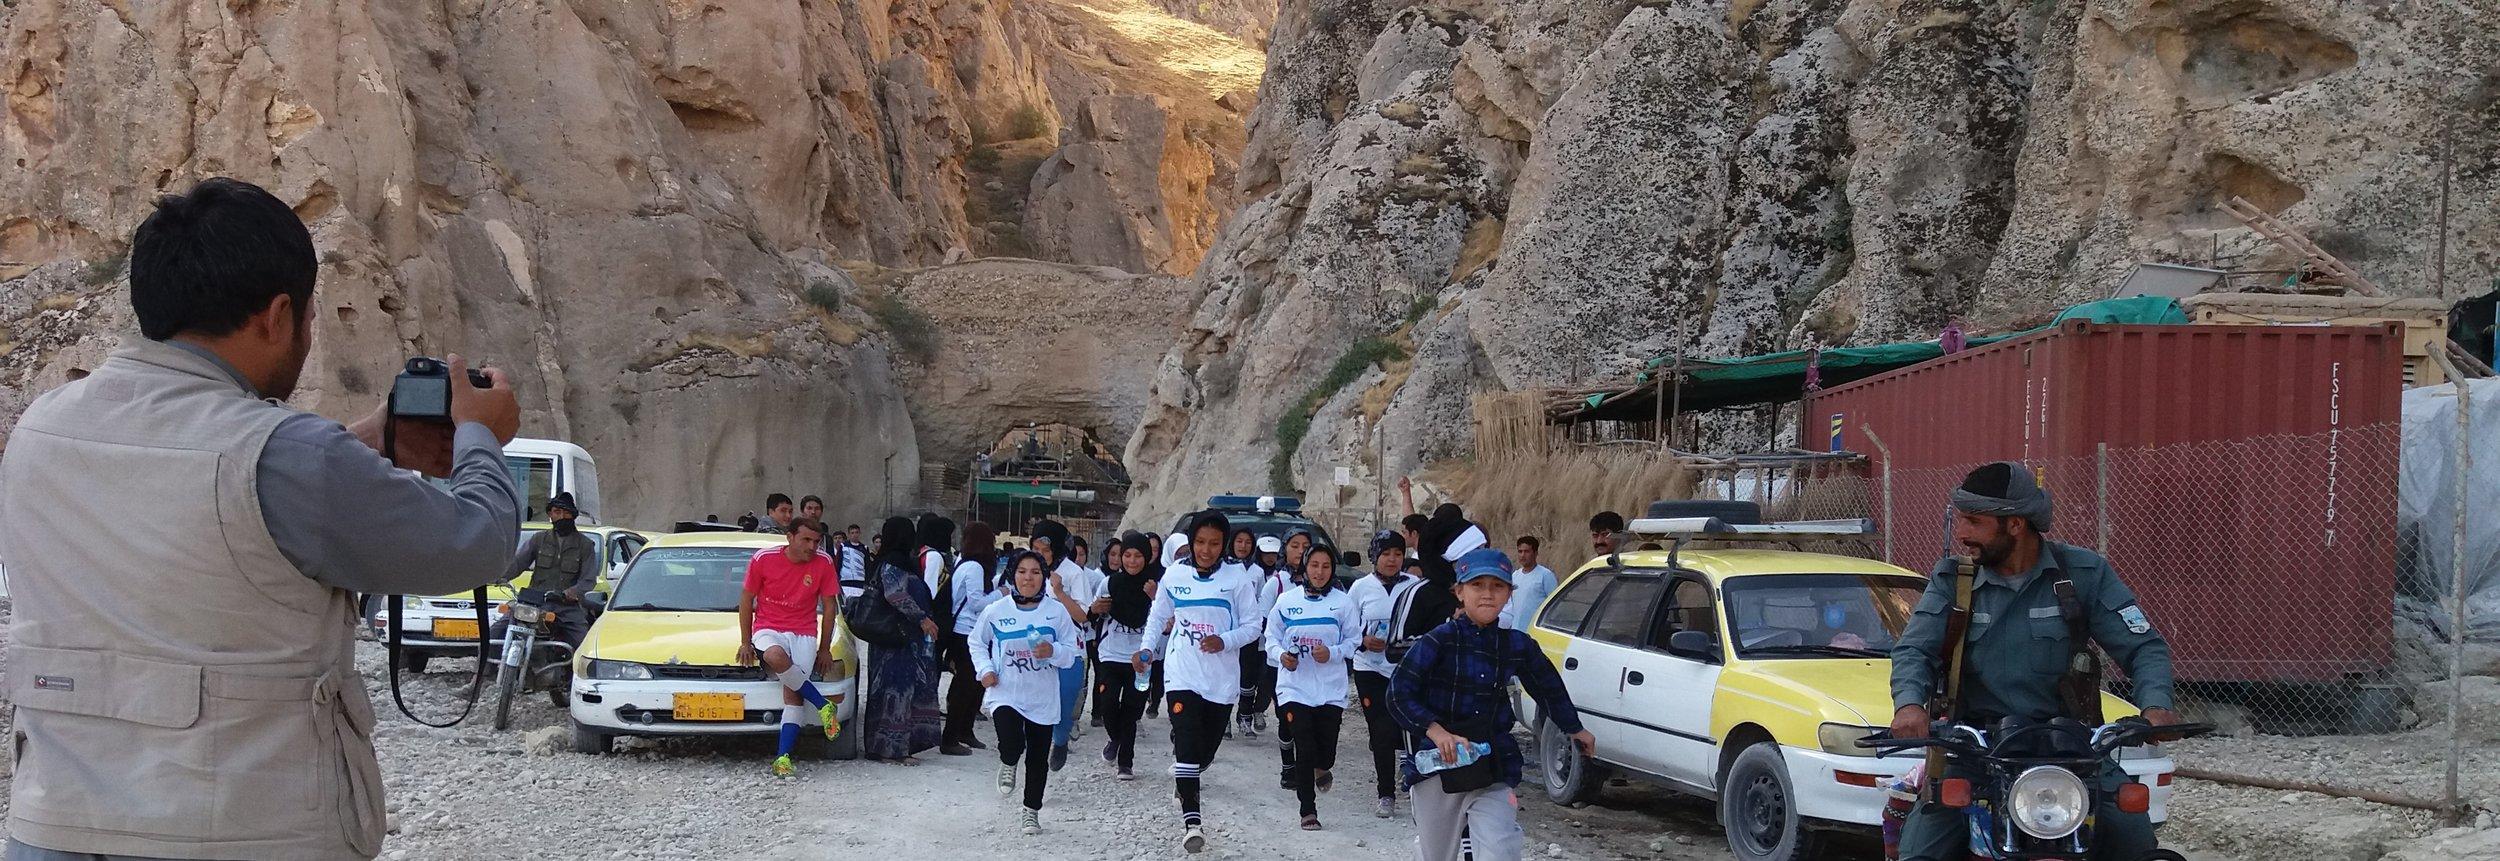 Afghanistan Mazar Marathon 2.jpg